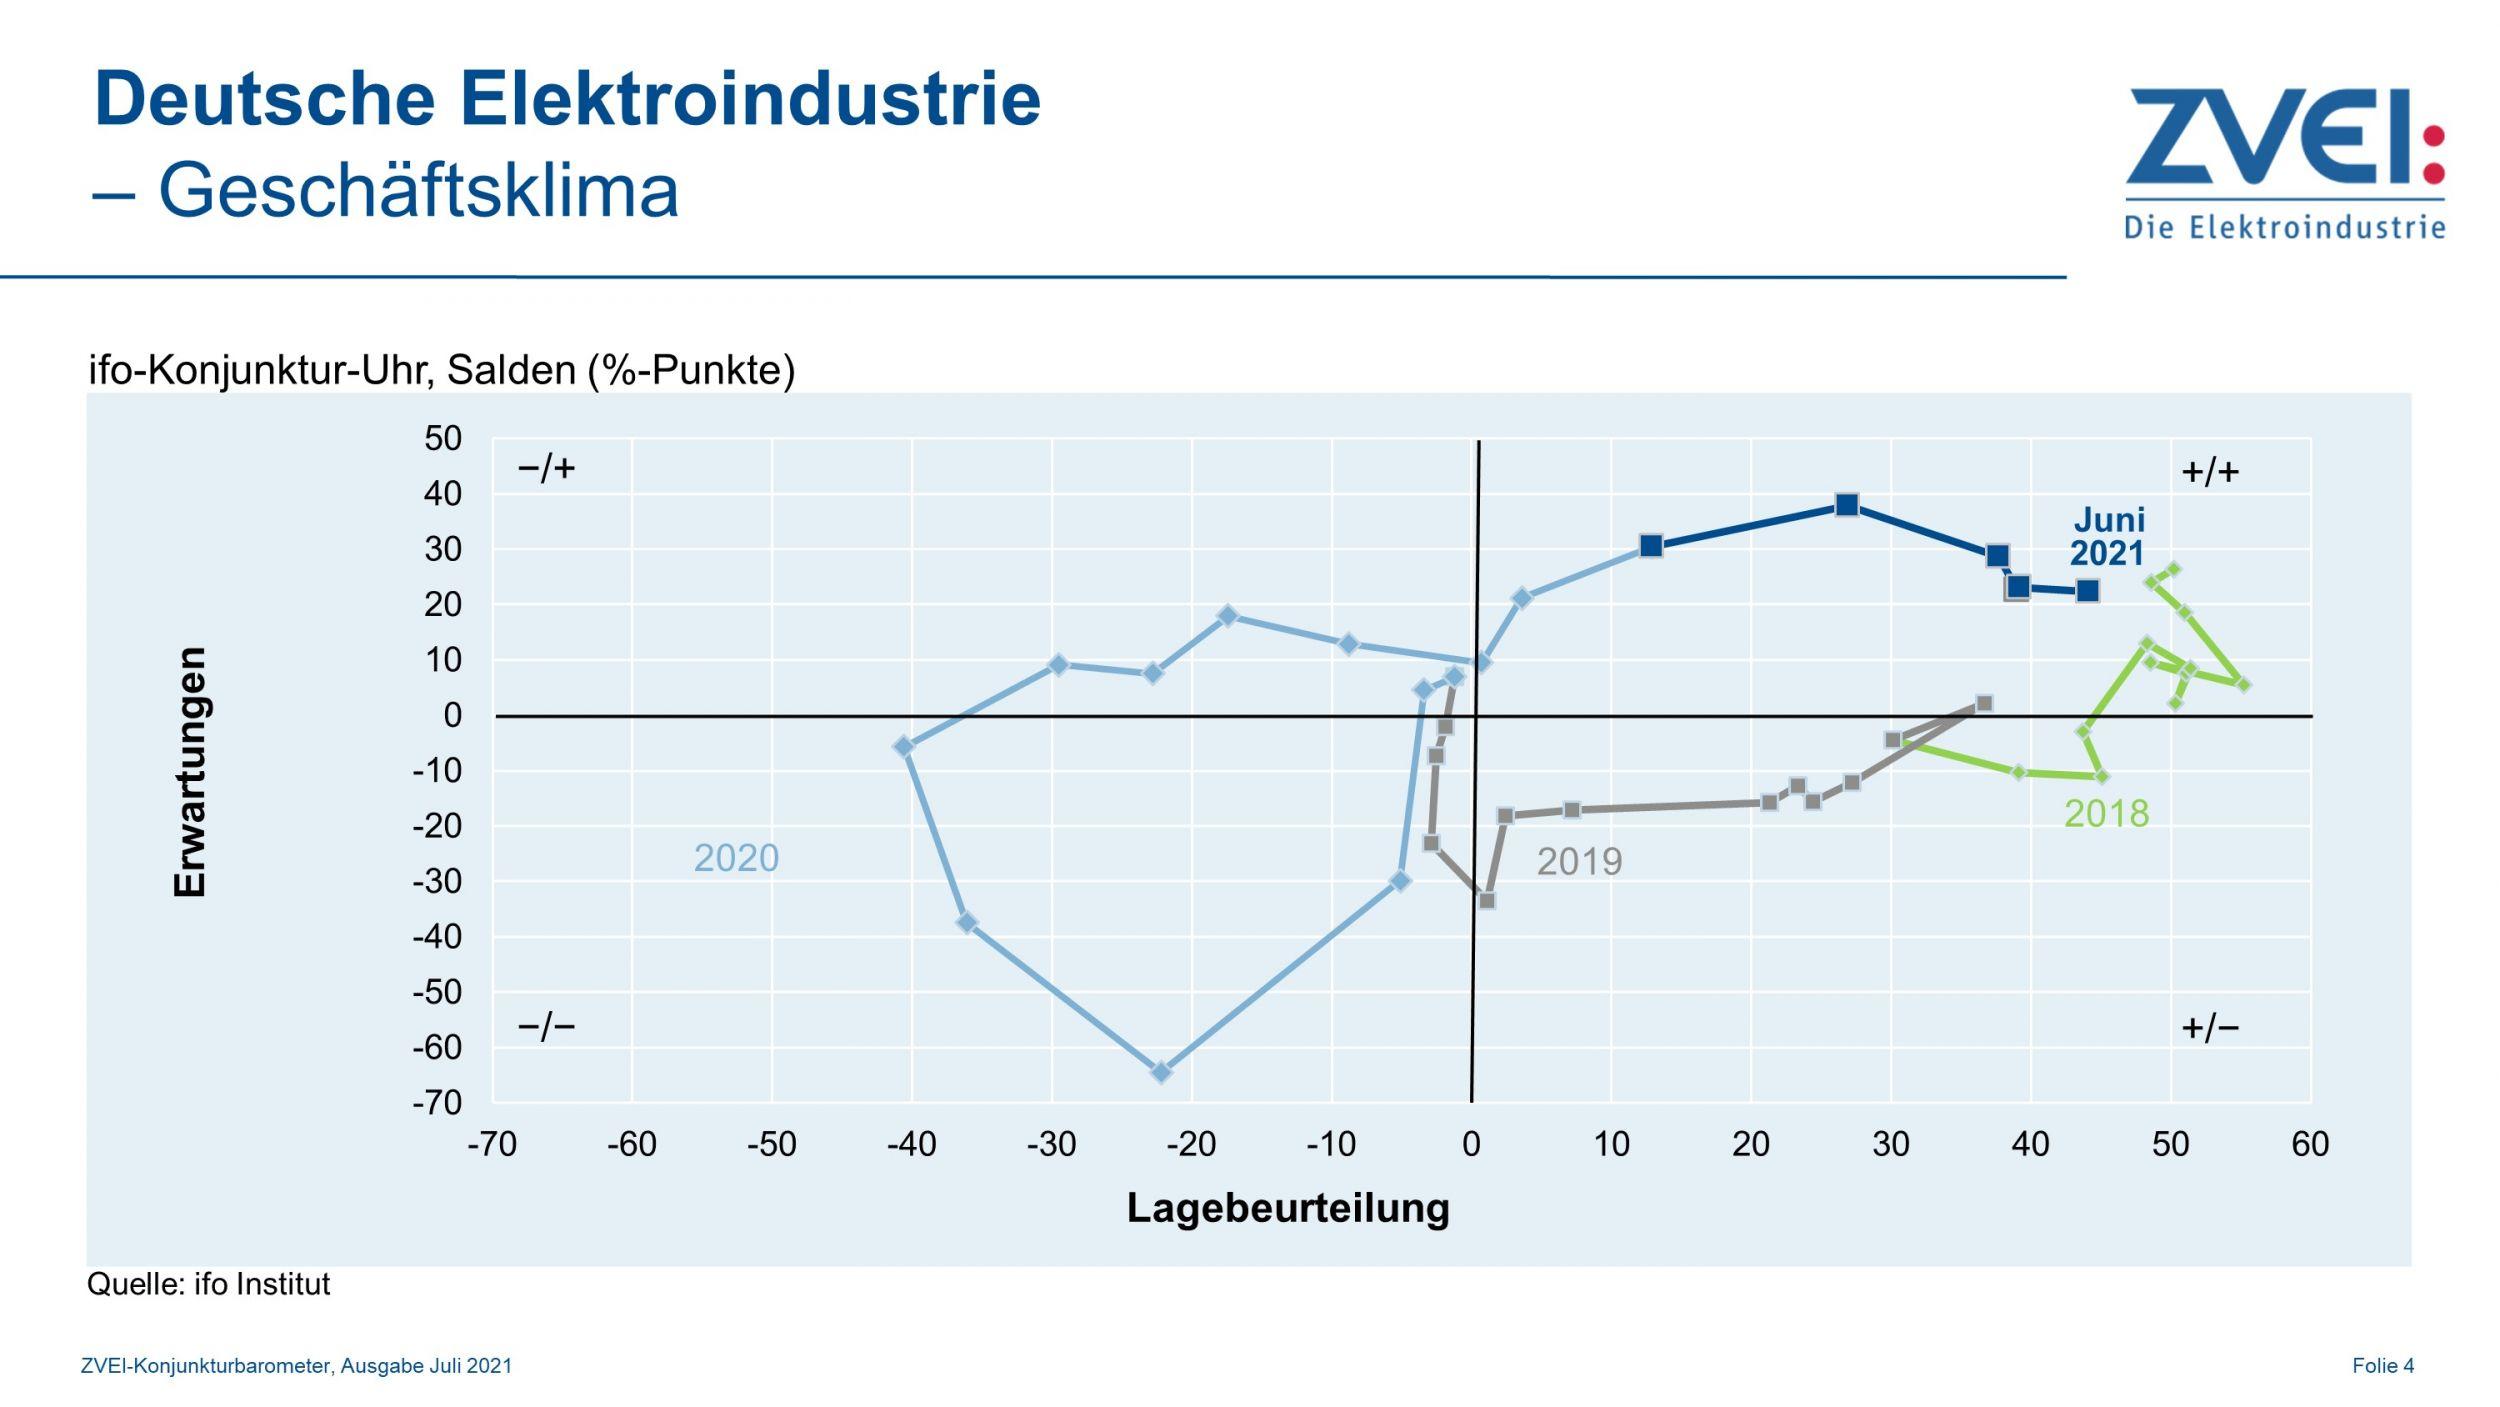 Geschäftsklima in der deutschen Elektroindustrie im Juni 2021